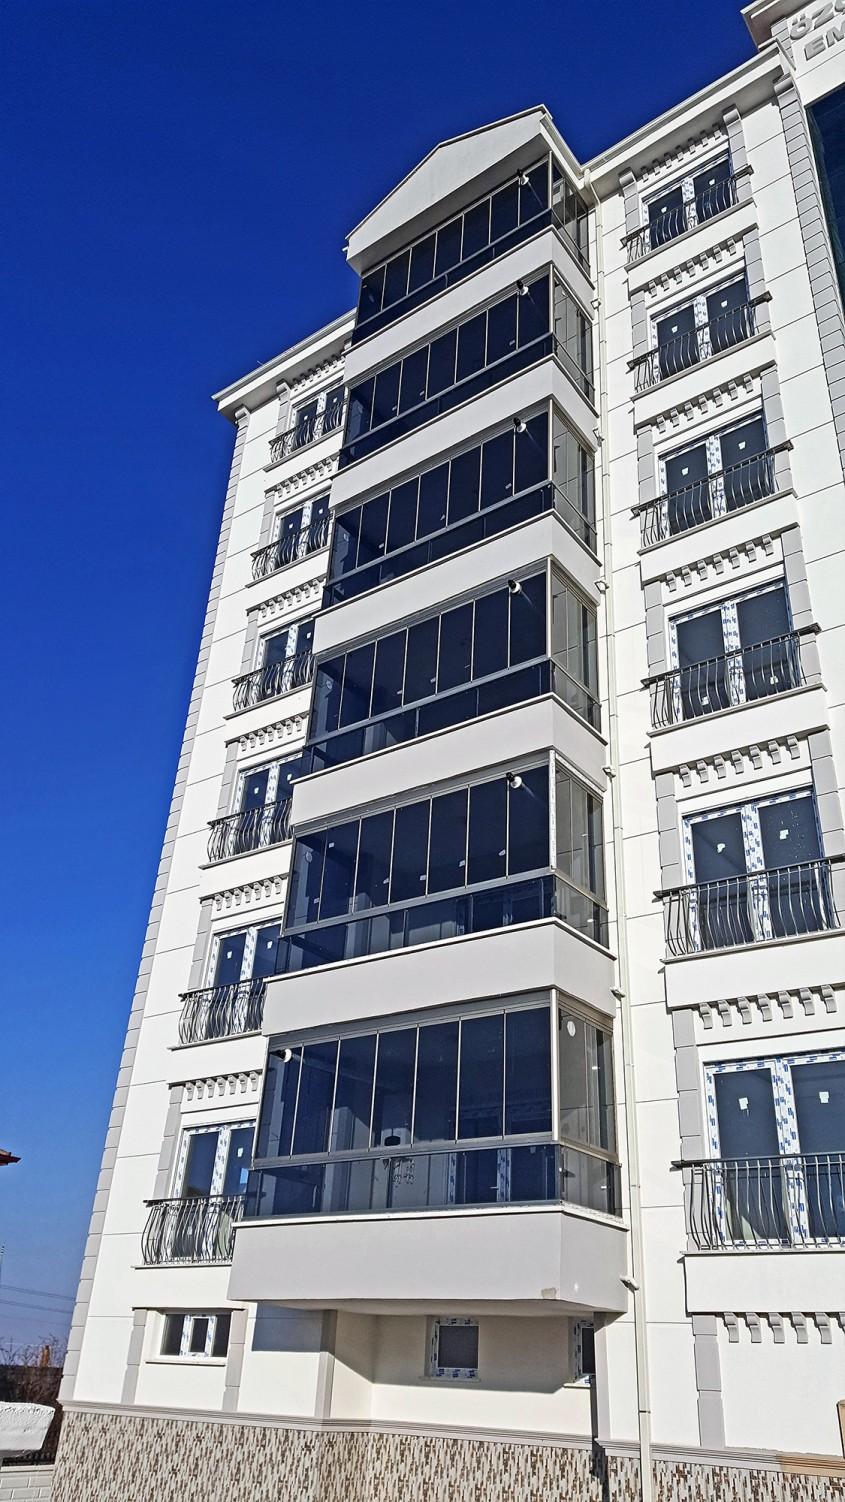 Sistemul glisant Tiara pentru închiderea teraselor și balcoanelor